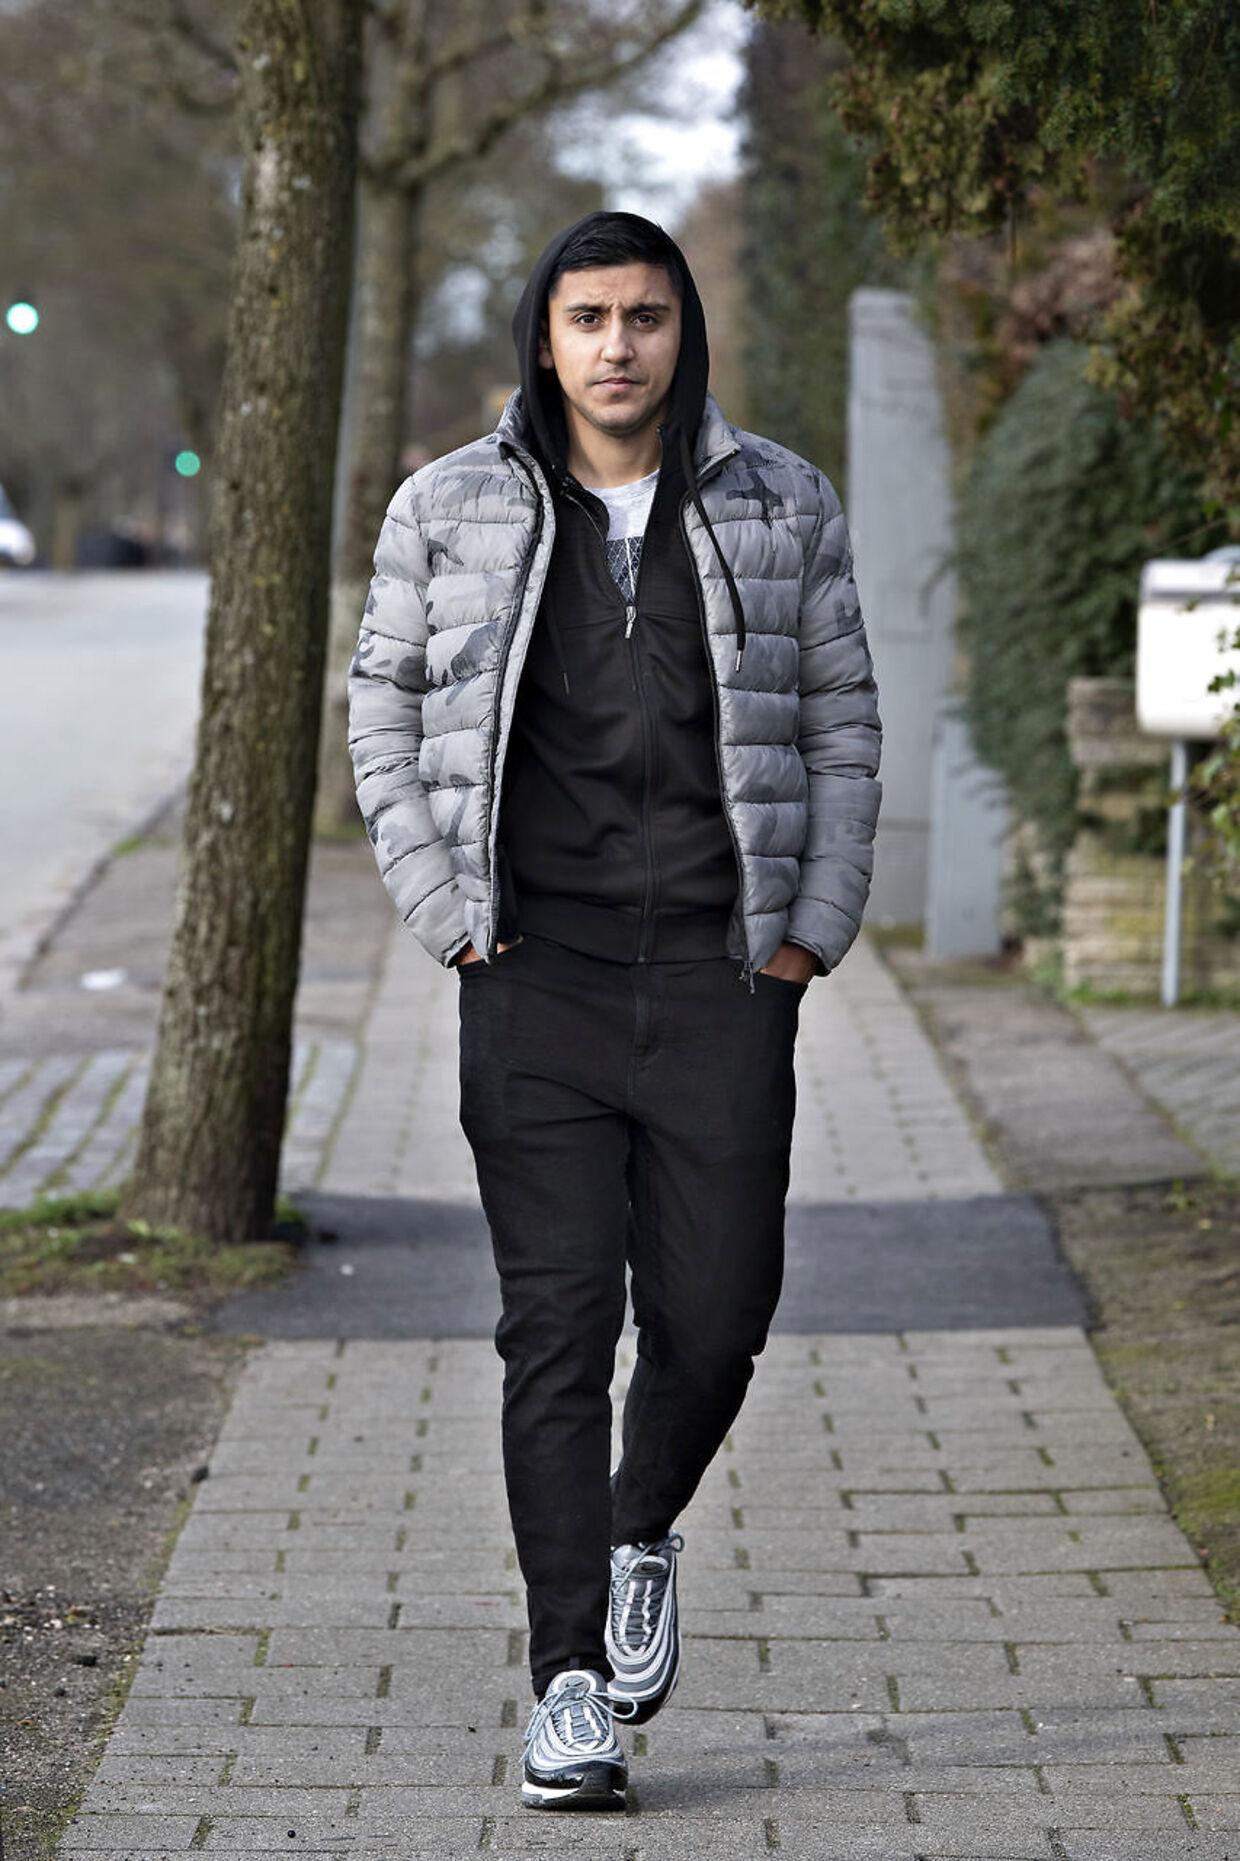 Den tidligere Superliga-spiller Adnan Mohammad taler ud om sin spillegæld.